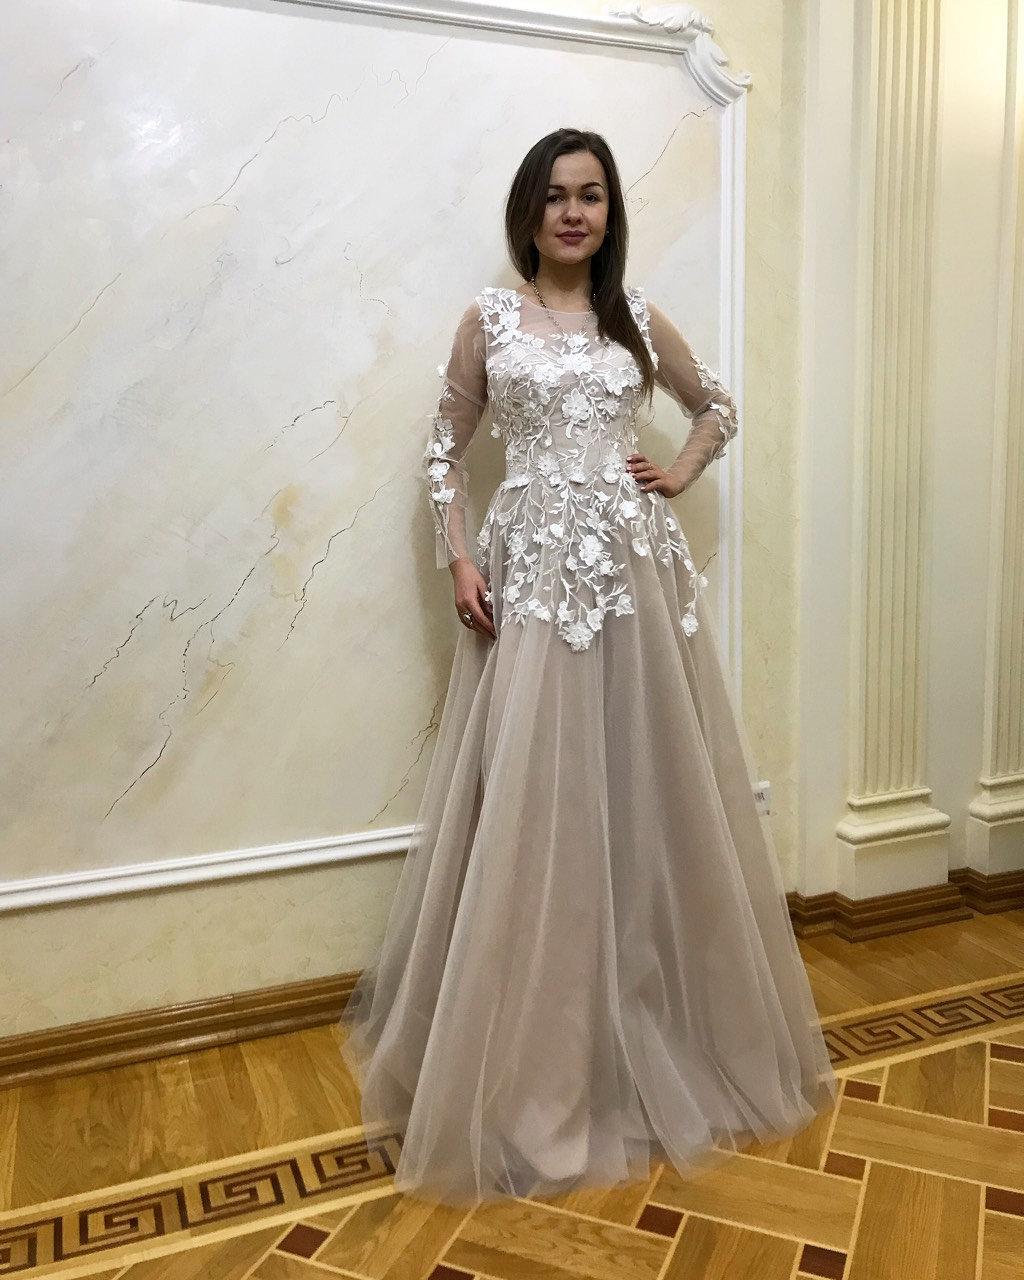 Spitze Brautkleid Brautkleid einzigartige Hochzeitskleid